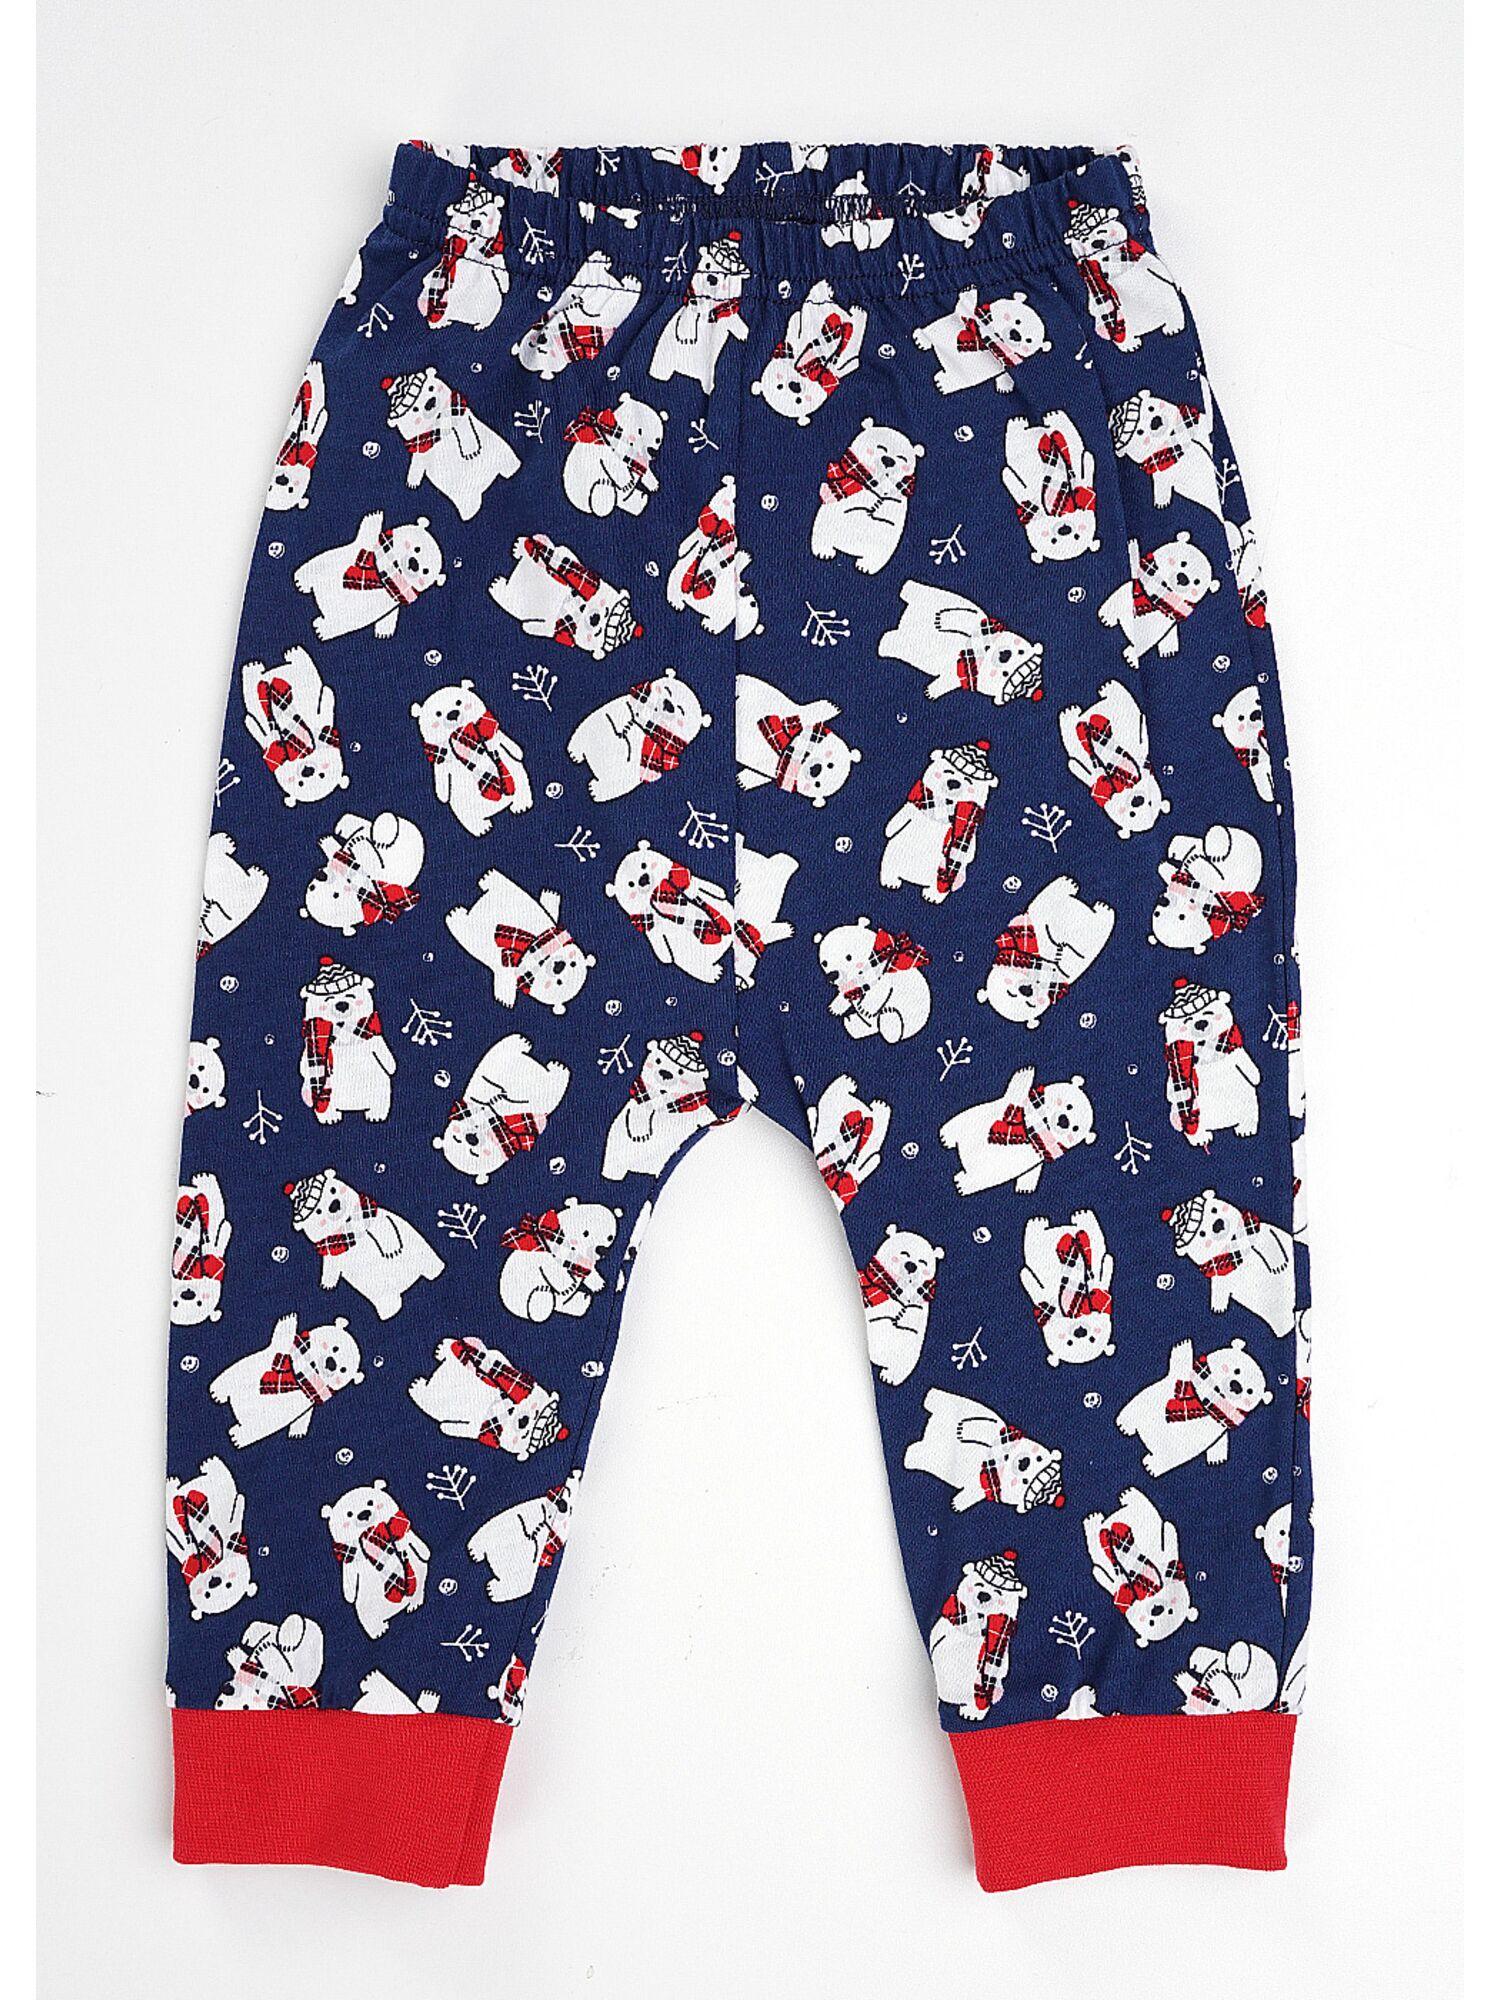 Детская хлопковая пижама CLE 793526/НГ ленивец, красный/синий, Clever